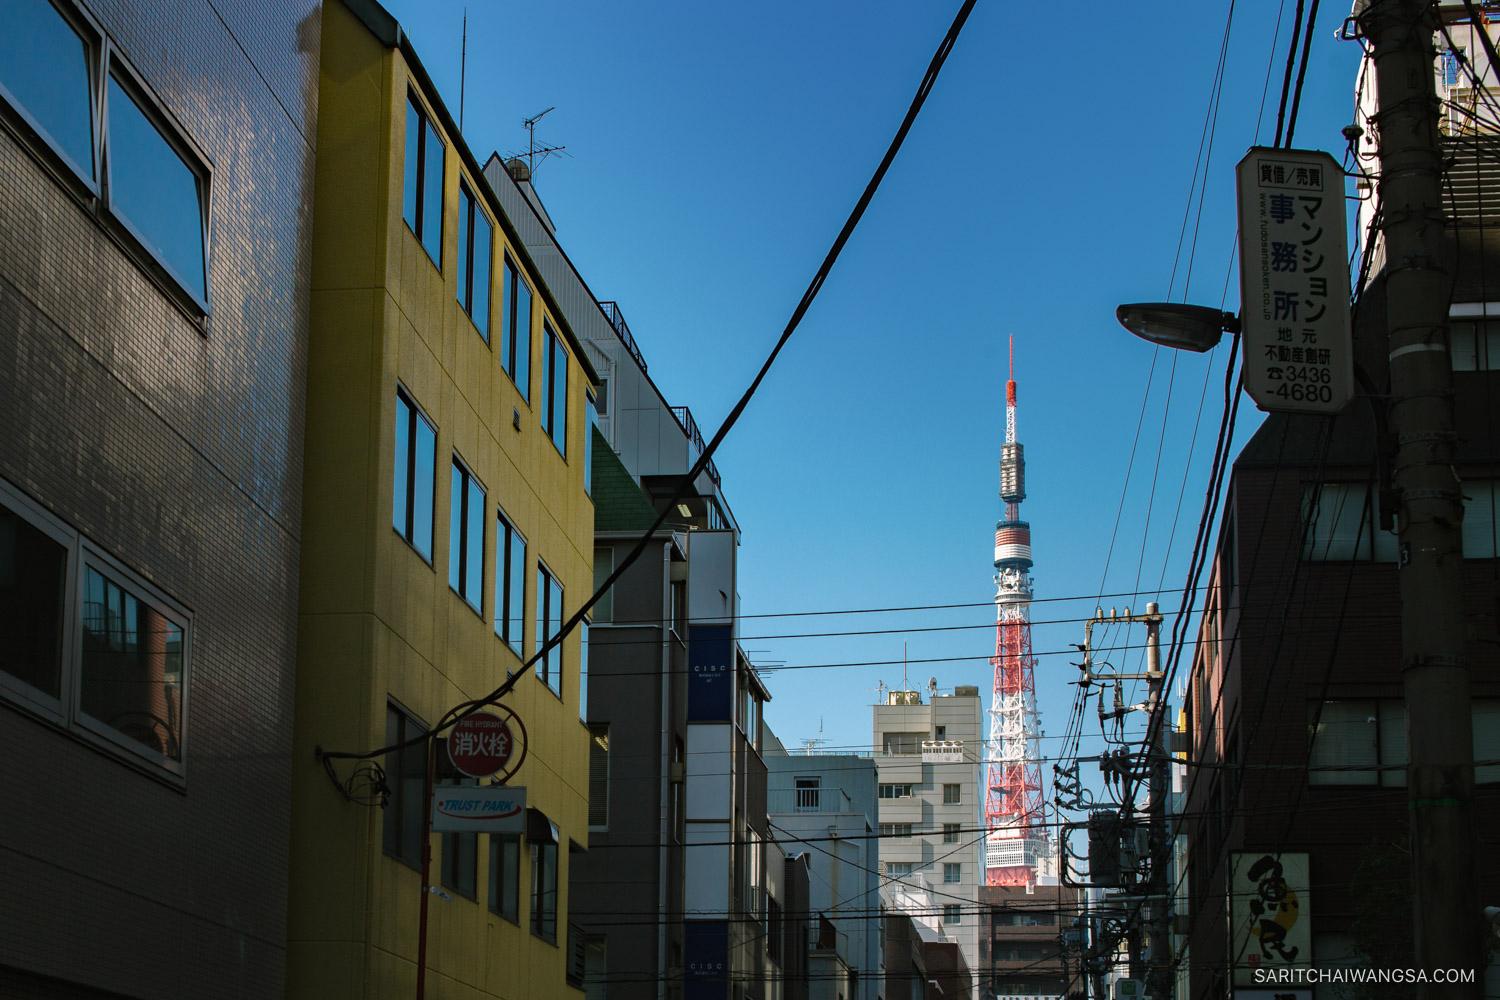 sarit chaiwangsa japan trip 2013 tokyo osaka shinsaibashi asakusa 3